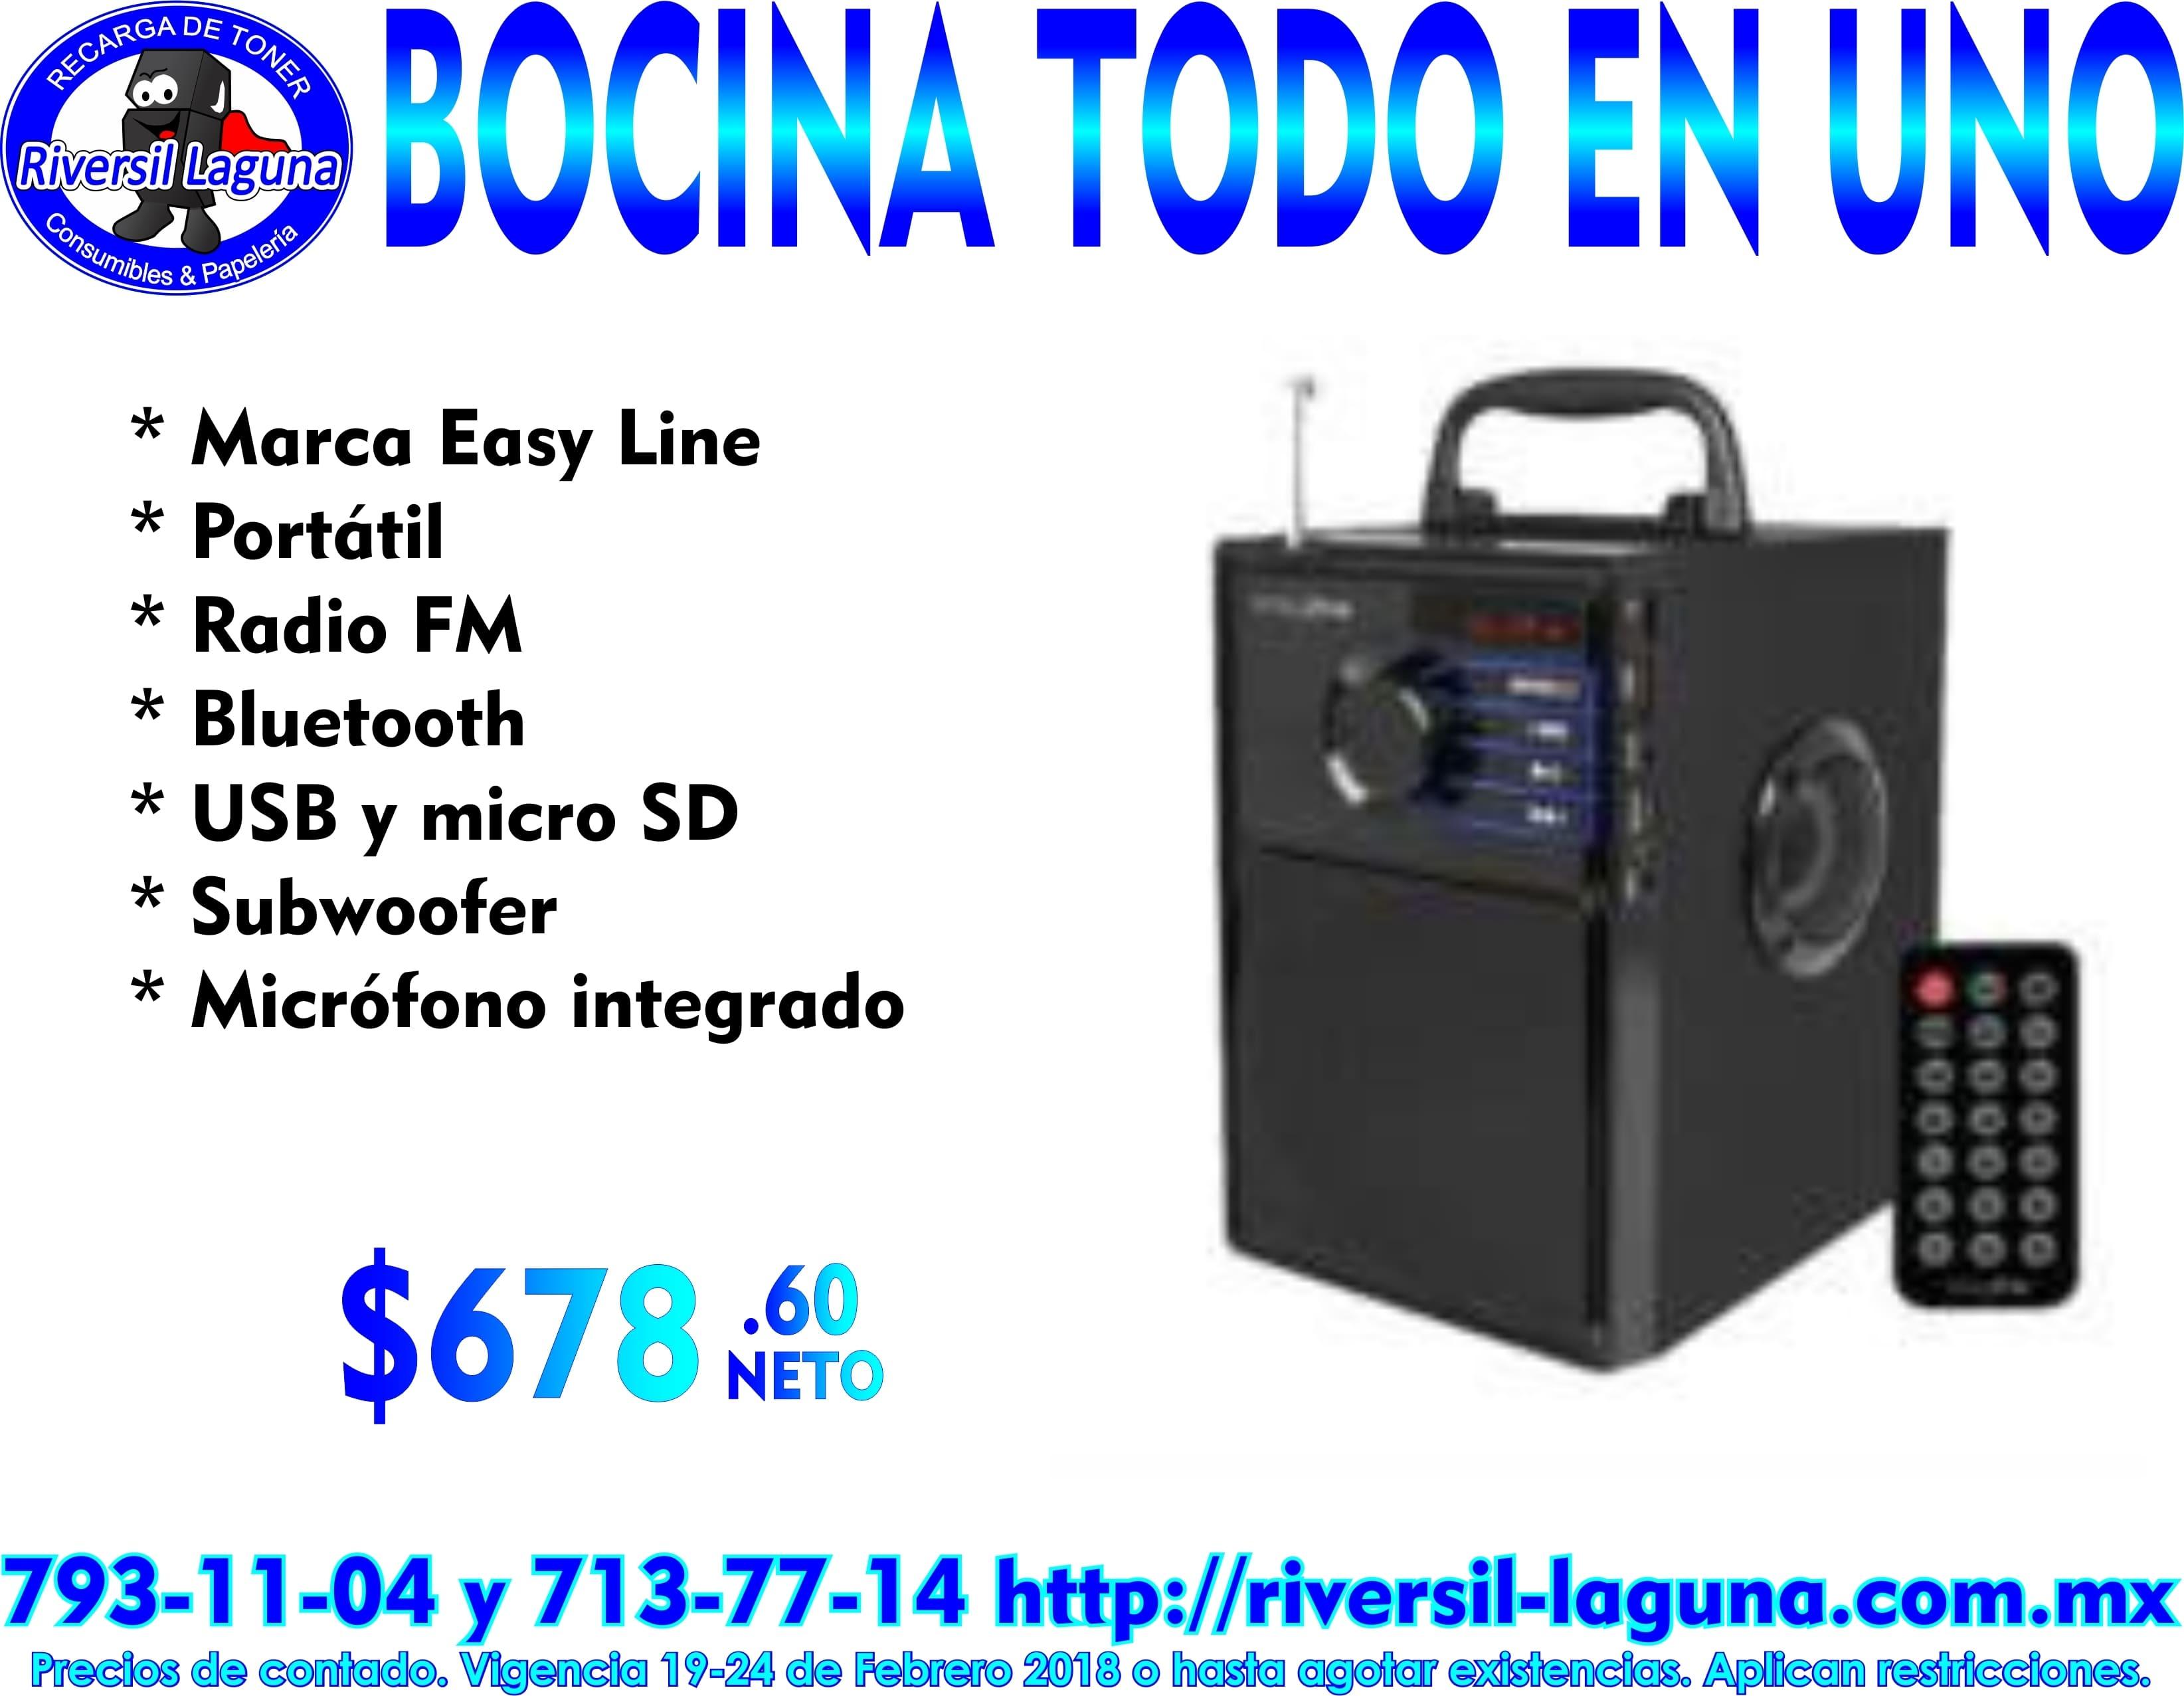 BOCINA TODO EN UNO EL-994589 EASY LINE